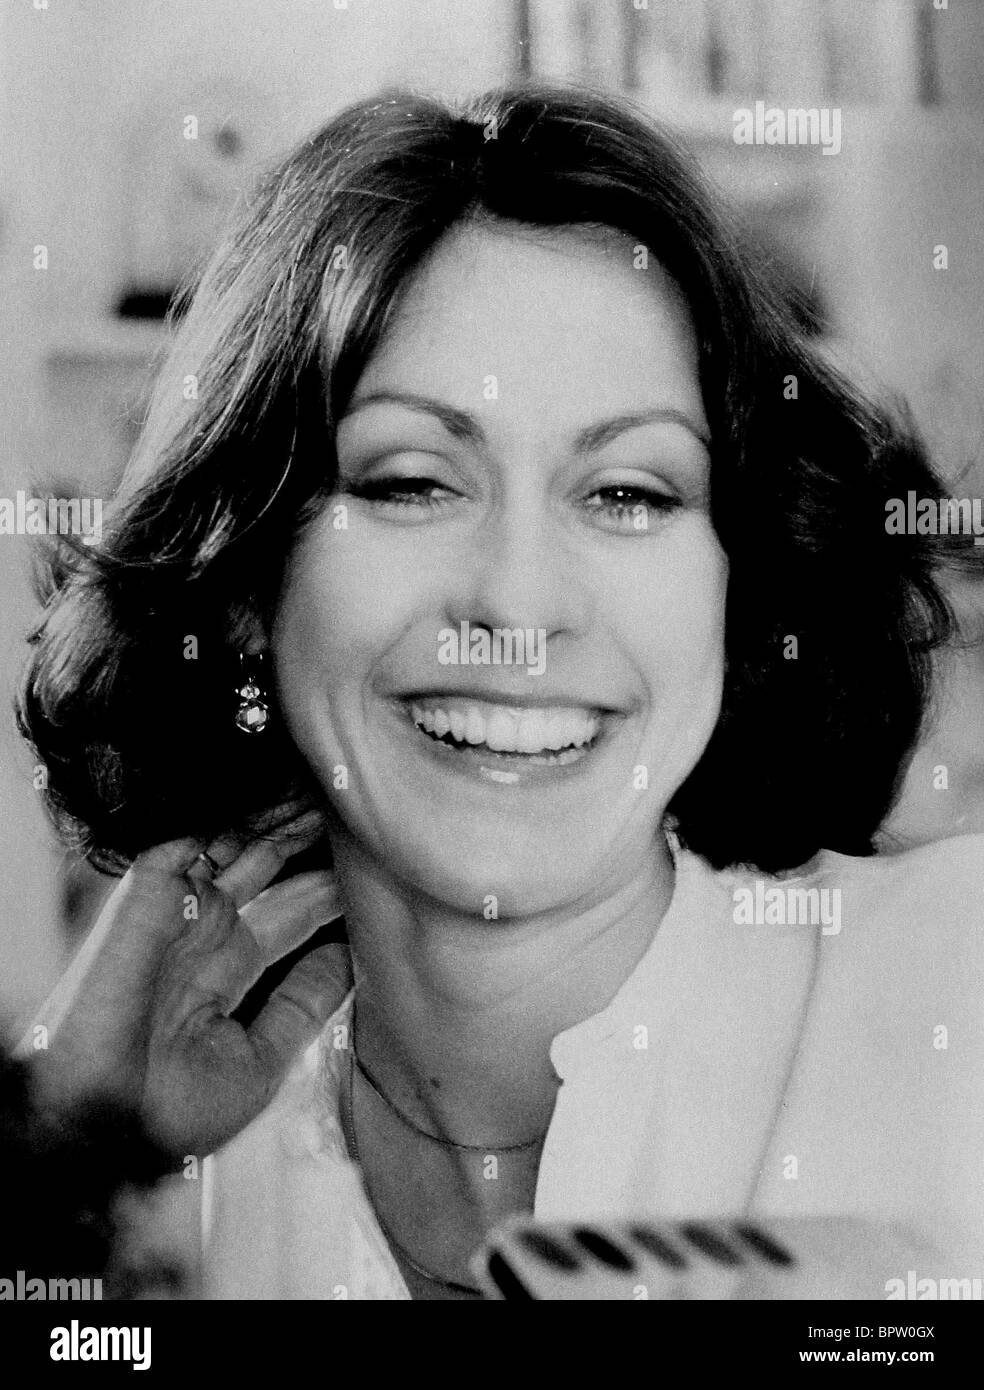 CARMEN DU SAUTOY ACTRESS (1981) - Stock Image